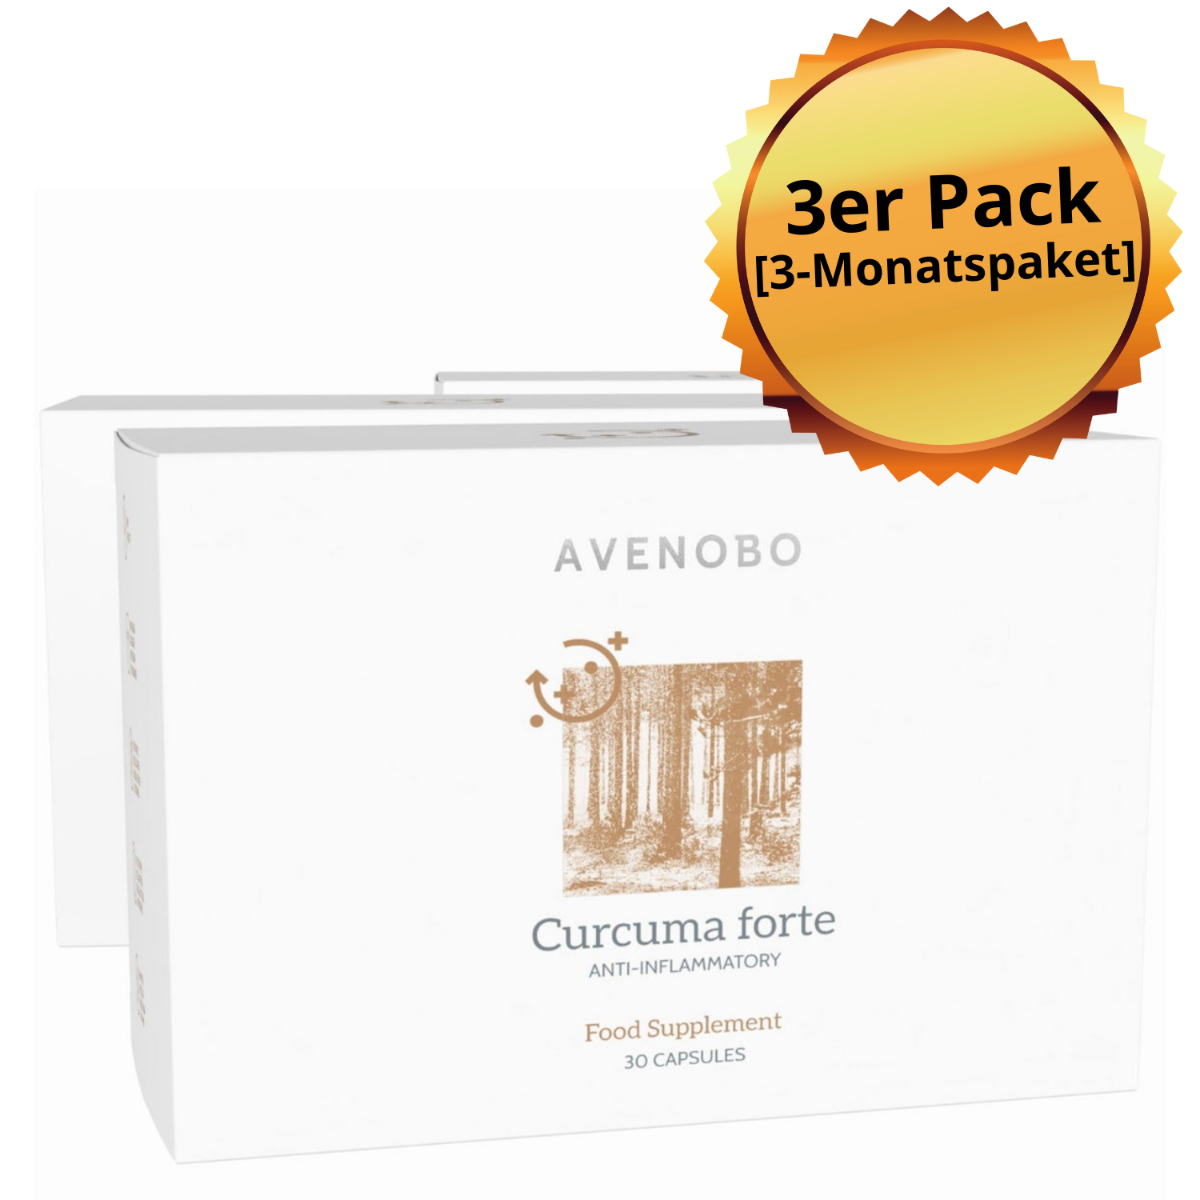 Curcuma | Dreierpackung | Kurkuma Kapseln in mizellarer Form für bessere Bioverfügbarkeit angereichert mit Vitamin D | 3x 30 Kapseln für 3 Monate.